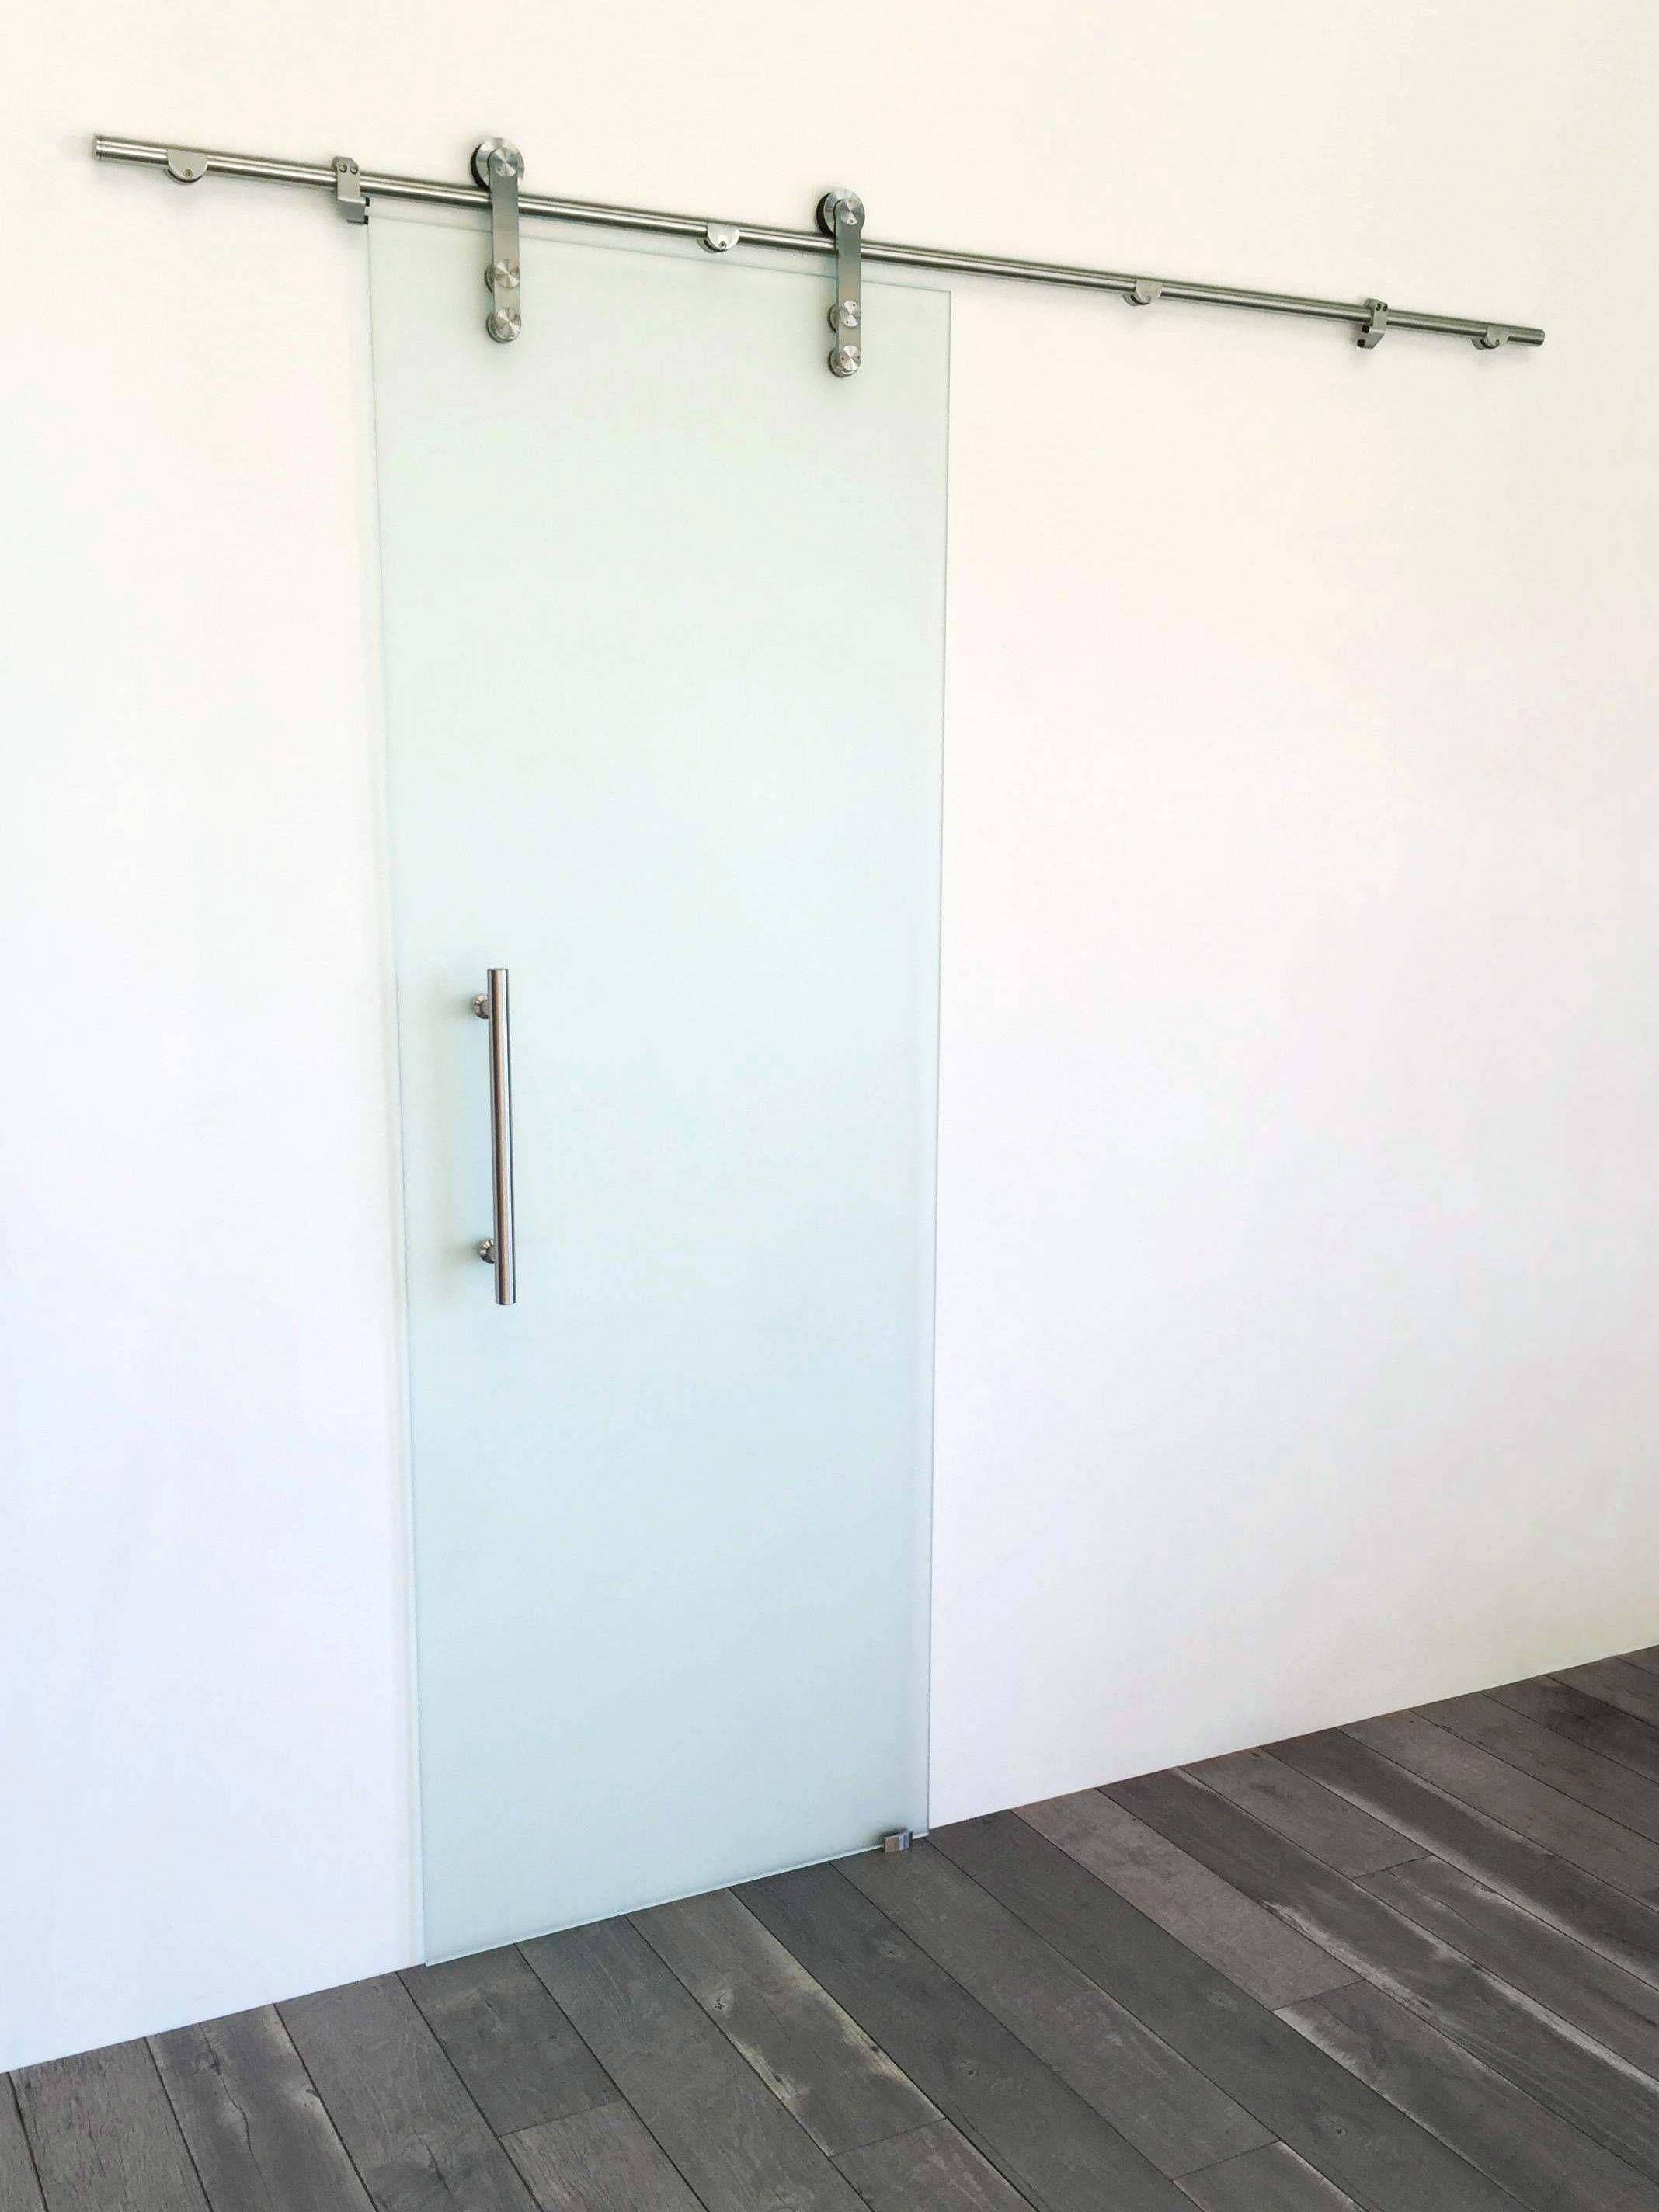 Stainless Steel Frameless Single Puertas Corredizas Puertas Y Aluminio